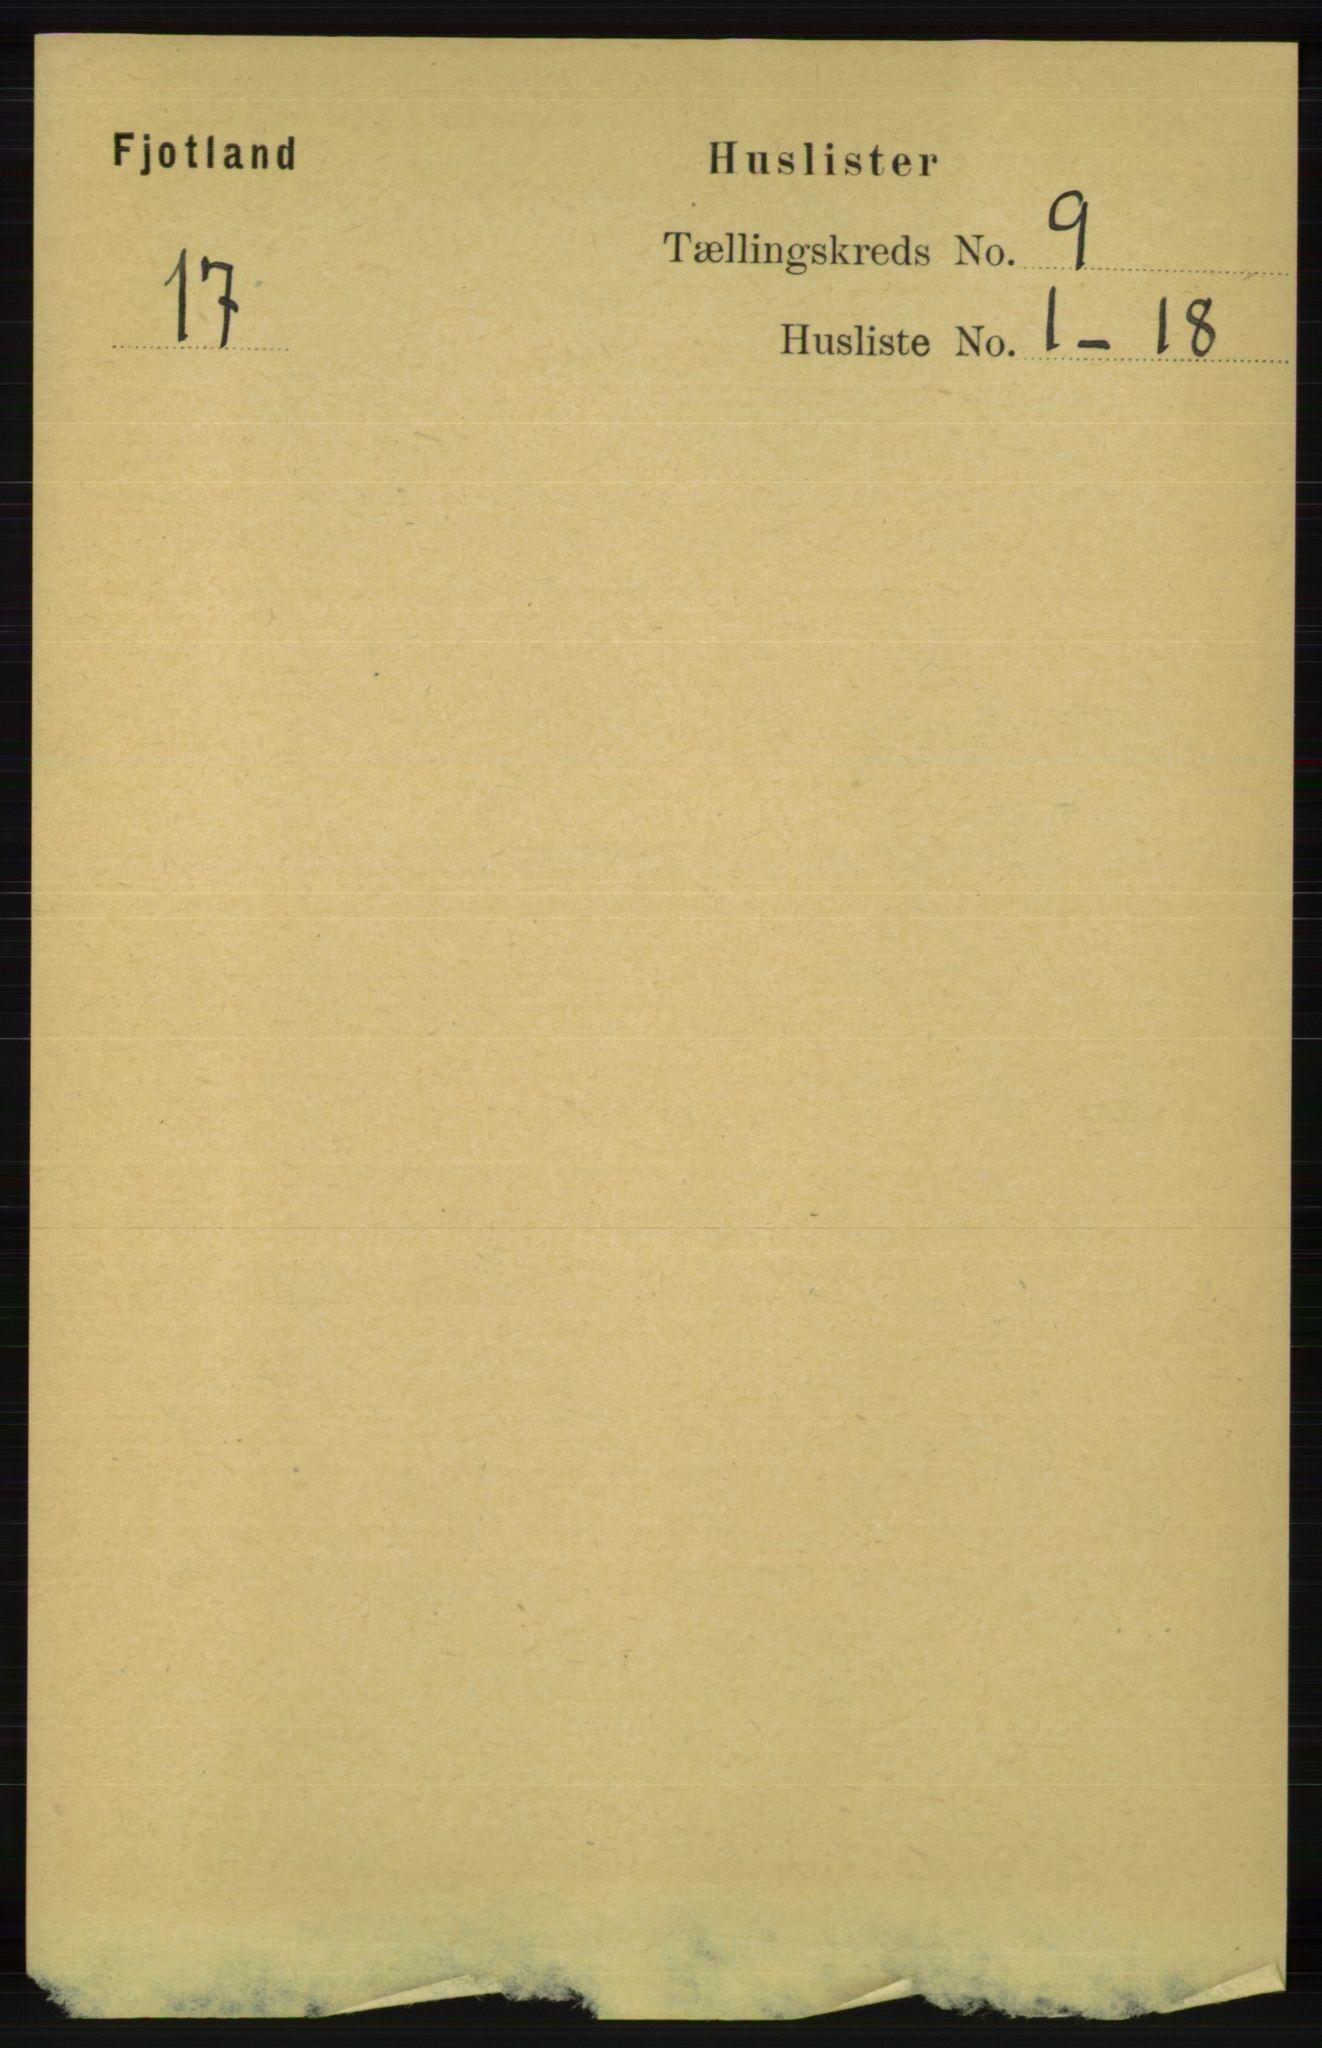 RA, Folketelling 1891 for 1036 Fjotland herred, 1891, s. 1280